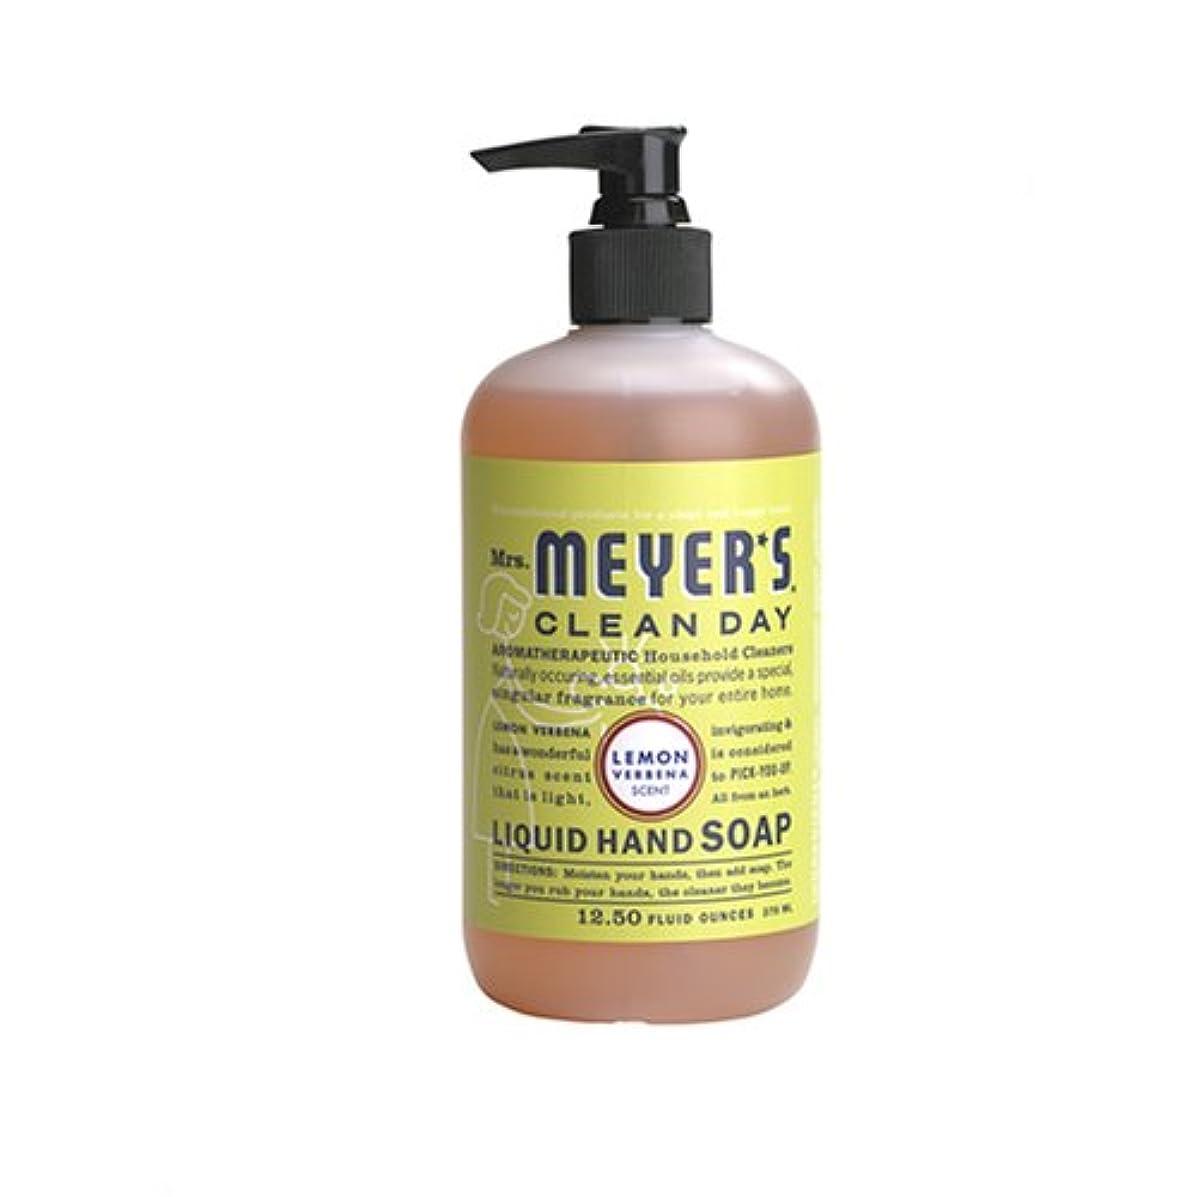 エチケットおじいちゃんリンクMrs. Meyers Clean Day, Liquid Hand Soap, Lemon Verbena Scent, 12.5 fl oz (370 ml)